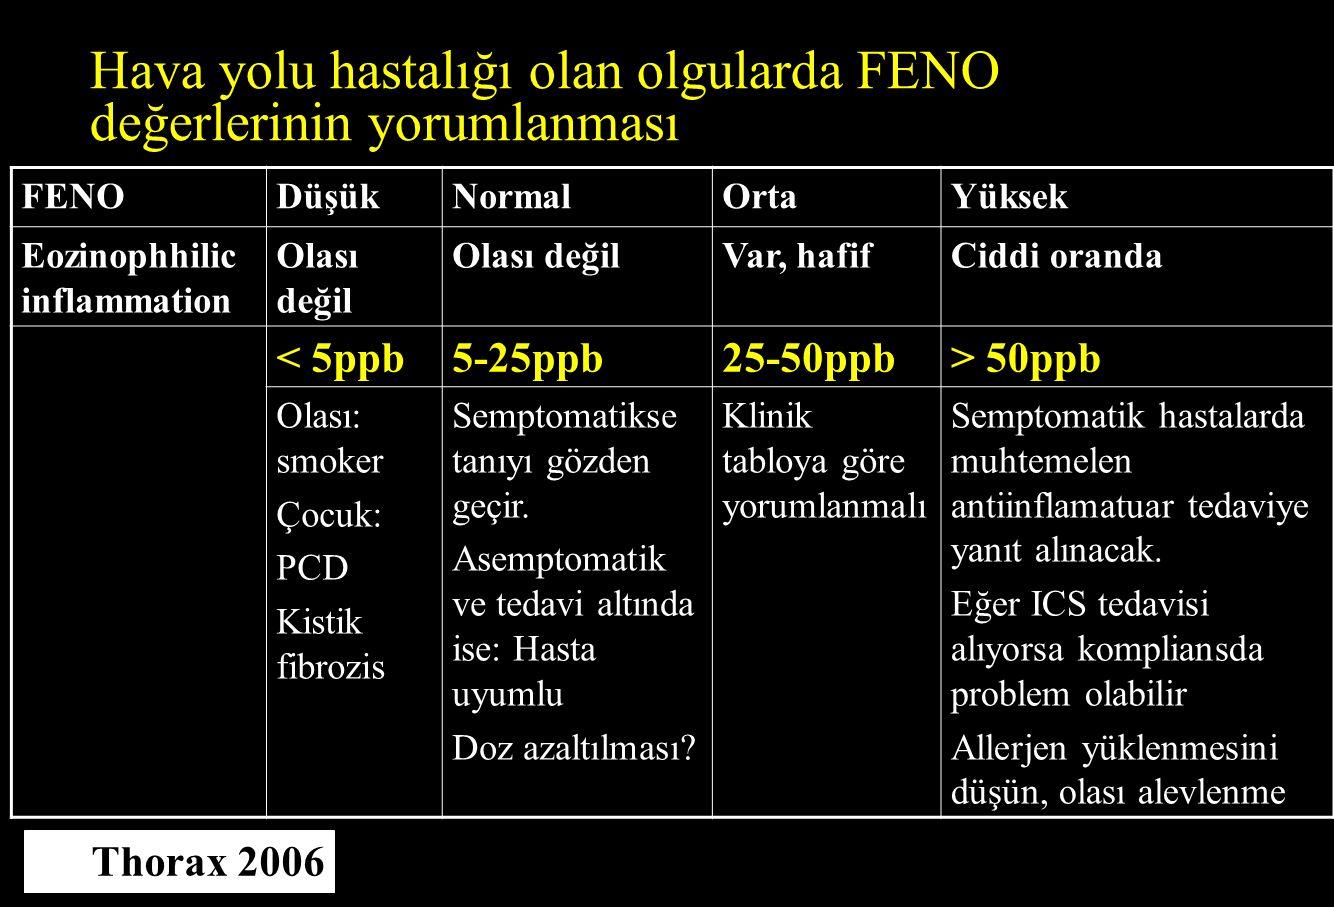 Hava yolu hastalığı olan olgularda FENO değerlerinin yorumlanması